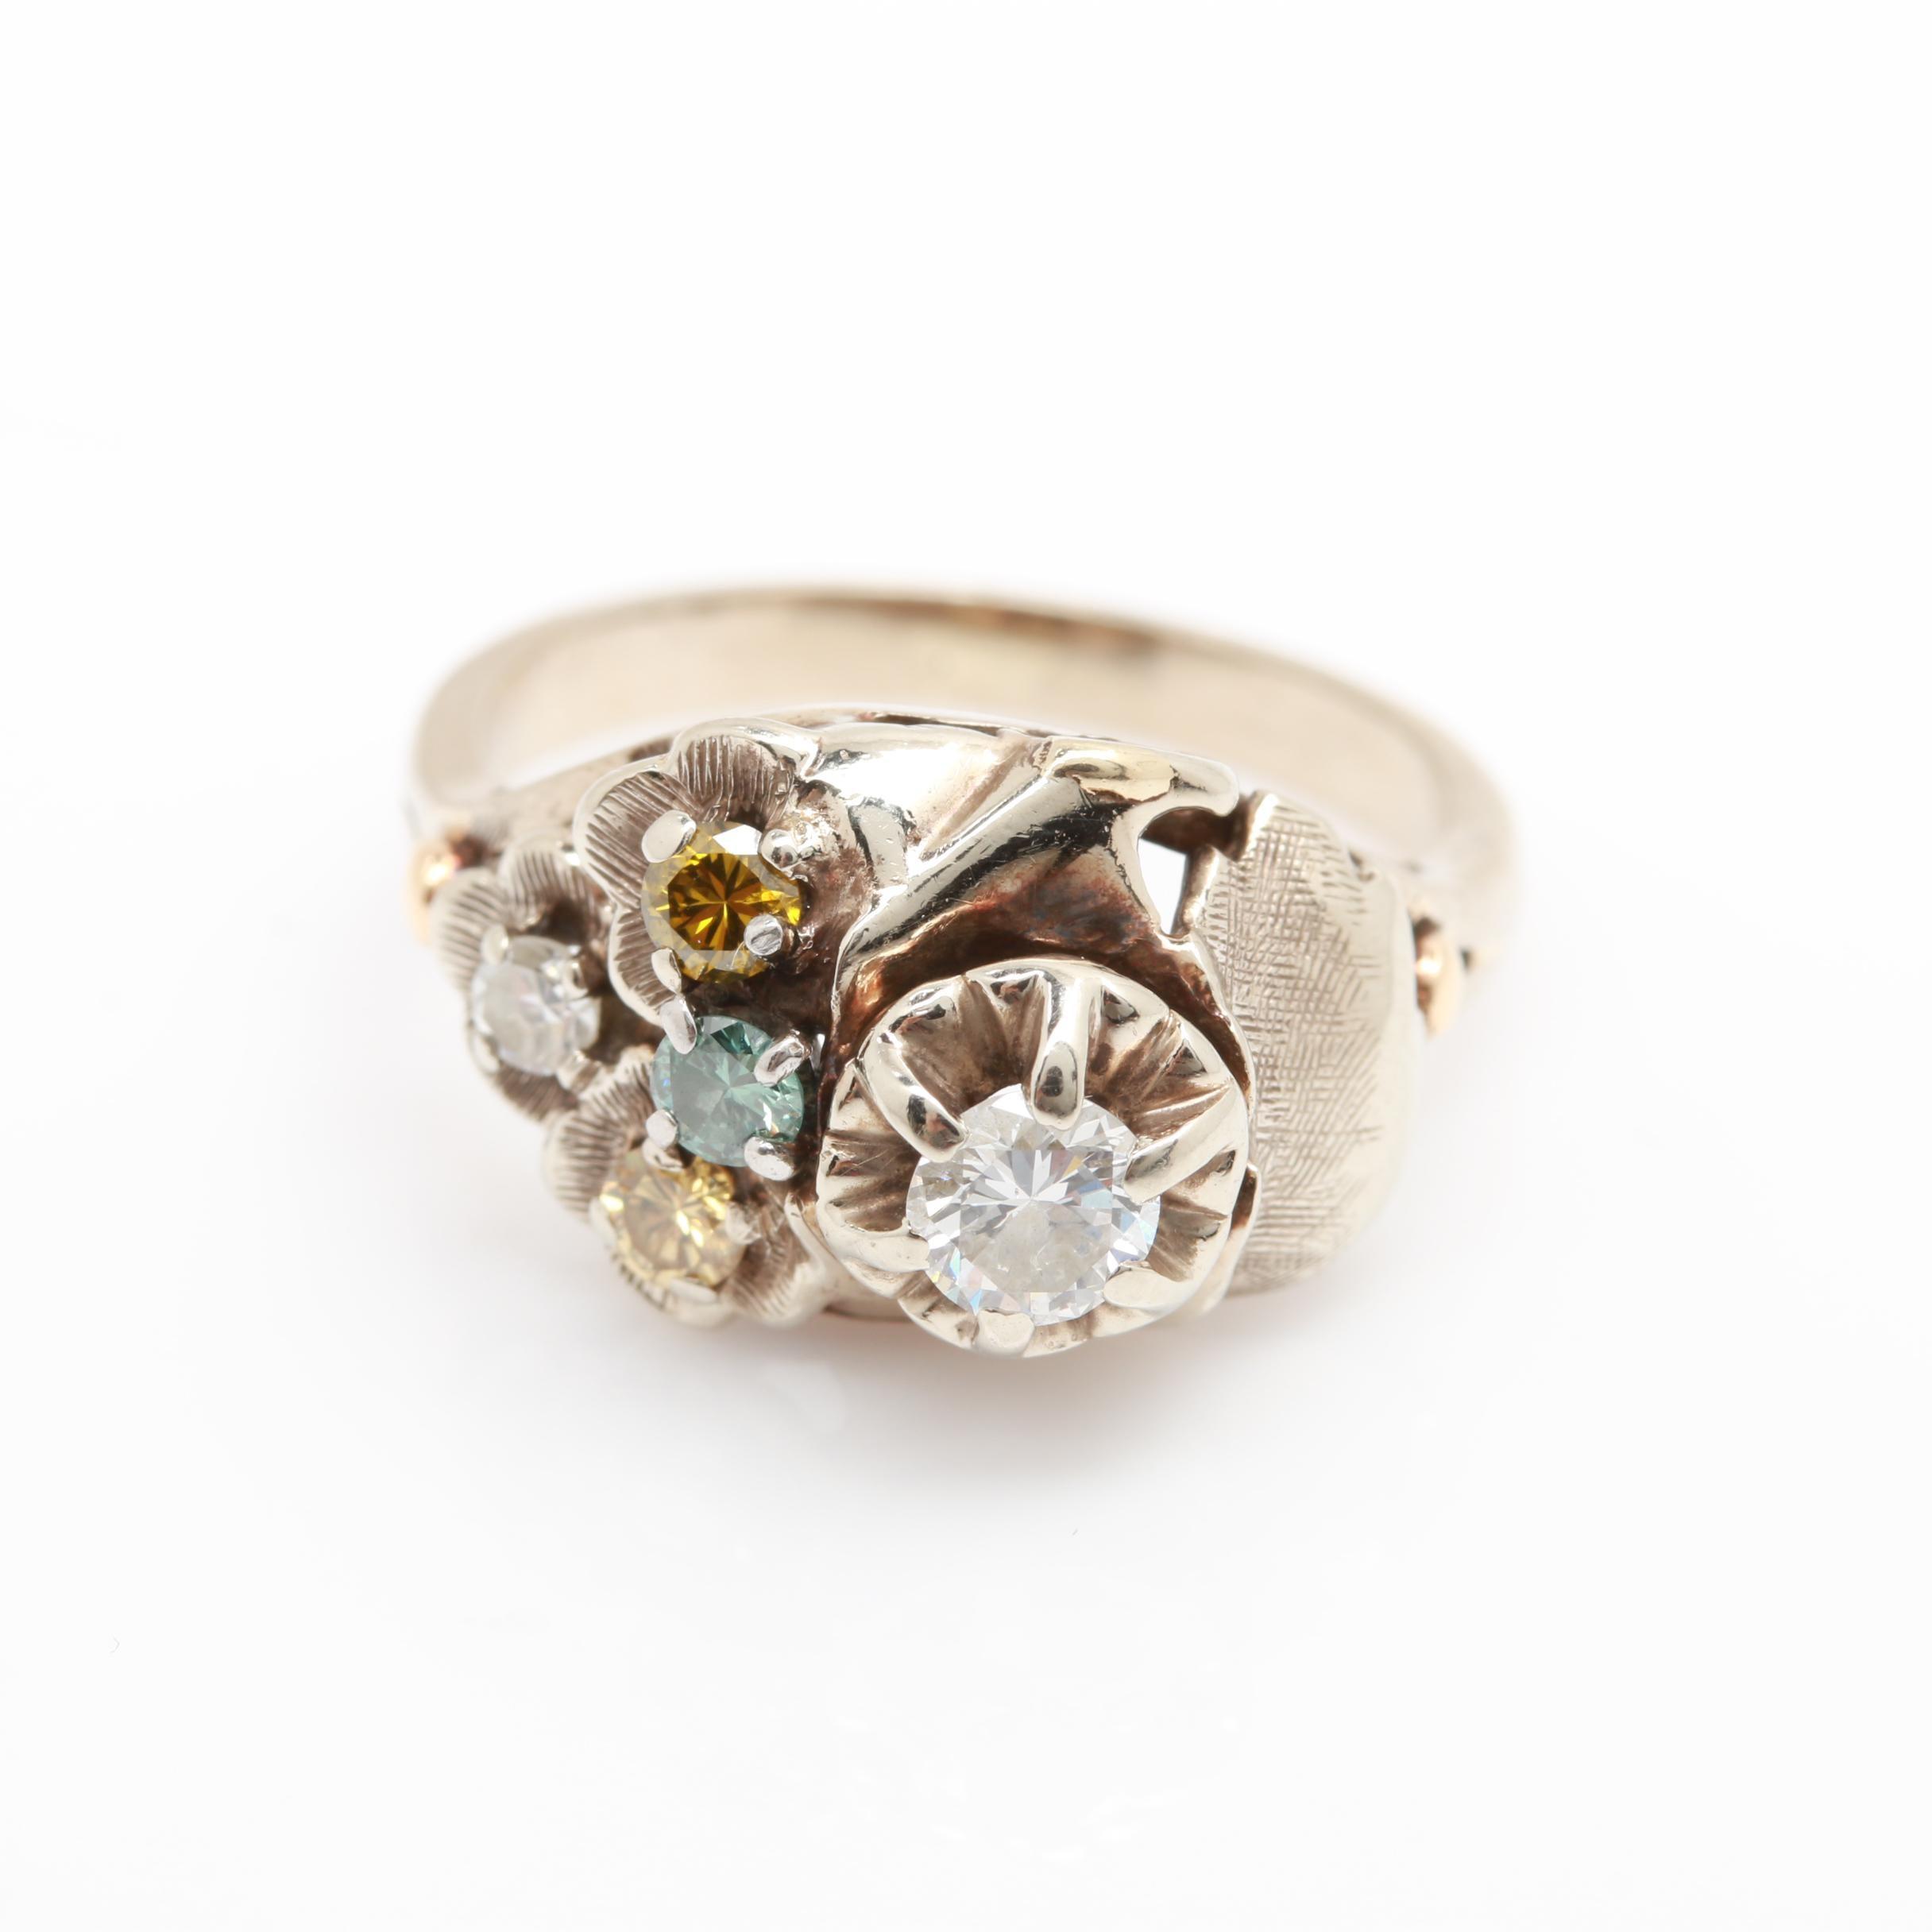 14K White Gold Fancy Diamond Ring